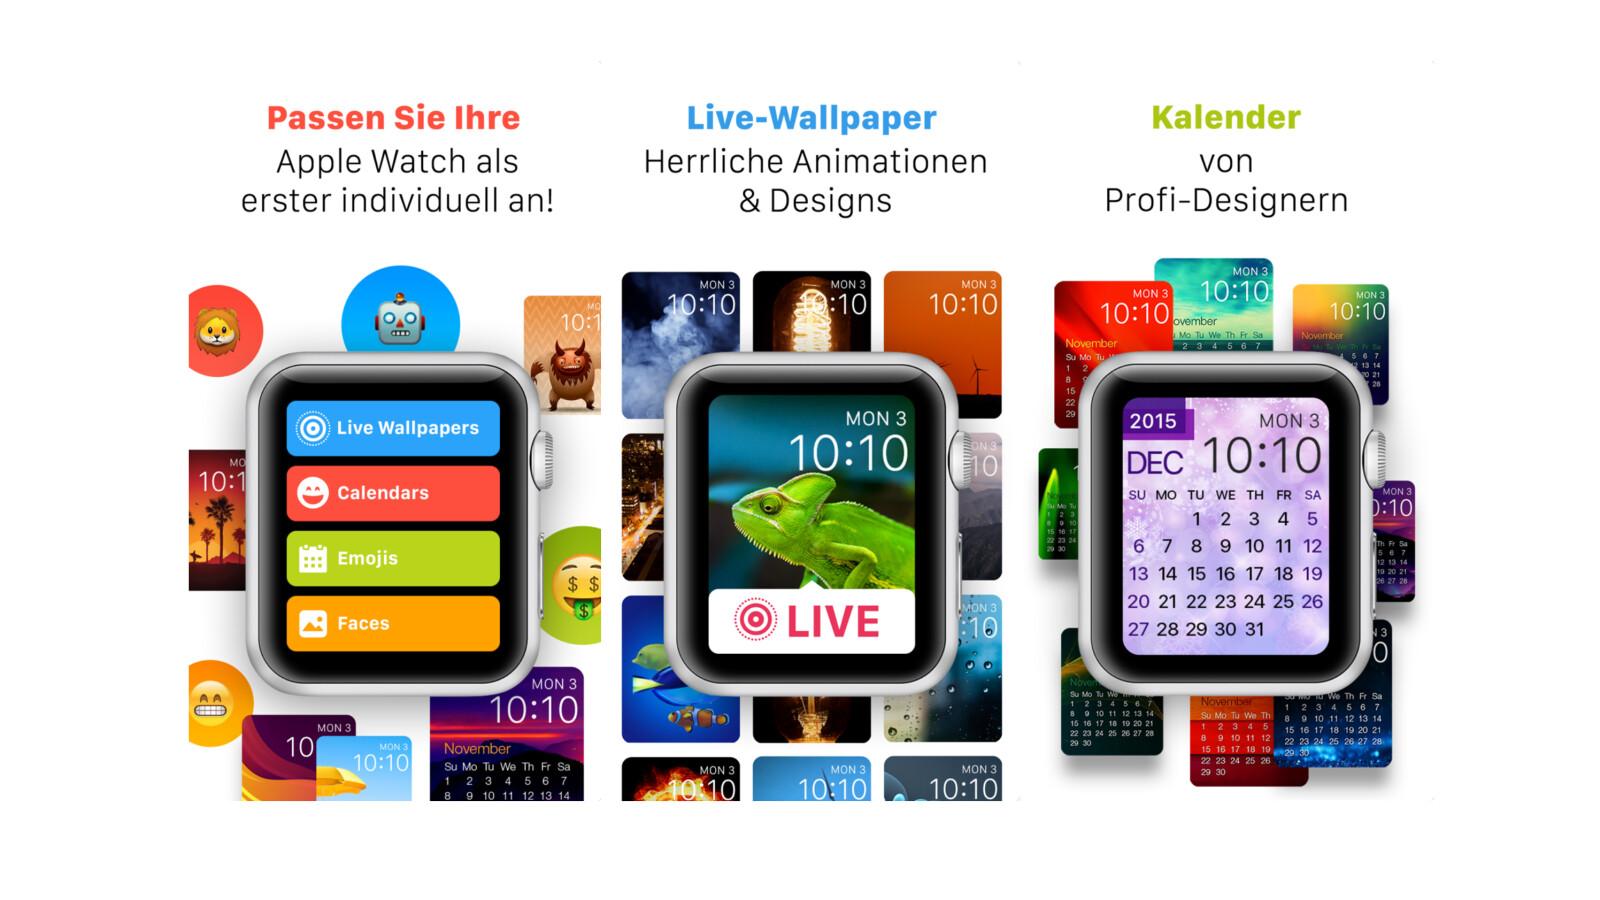 Statt 2,29 Euro heute kostenlos: Wallpaper-App speziell für die Apple Watch